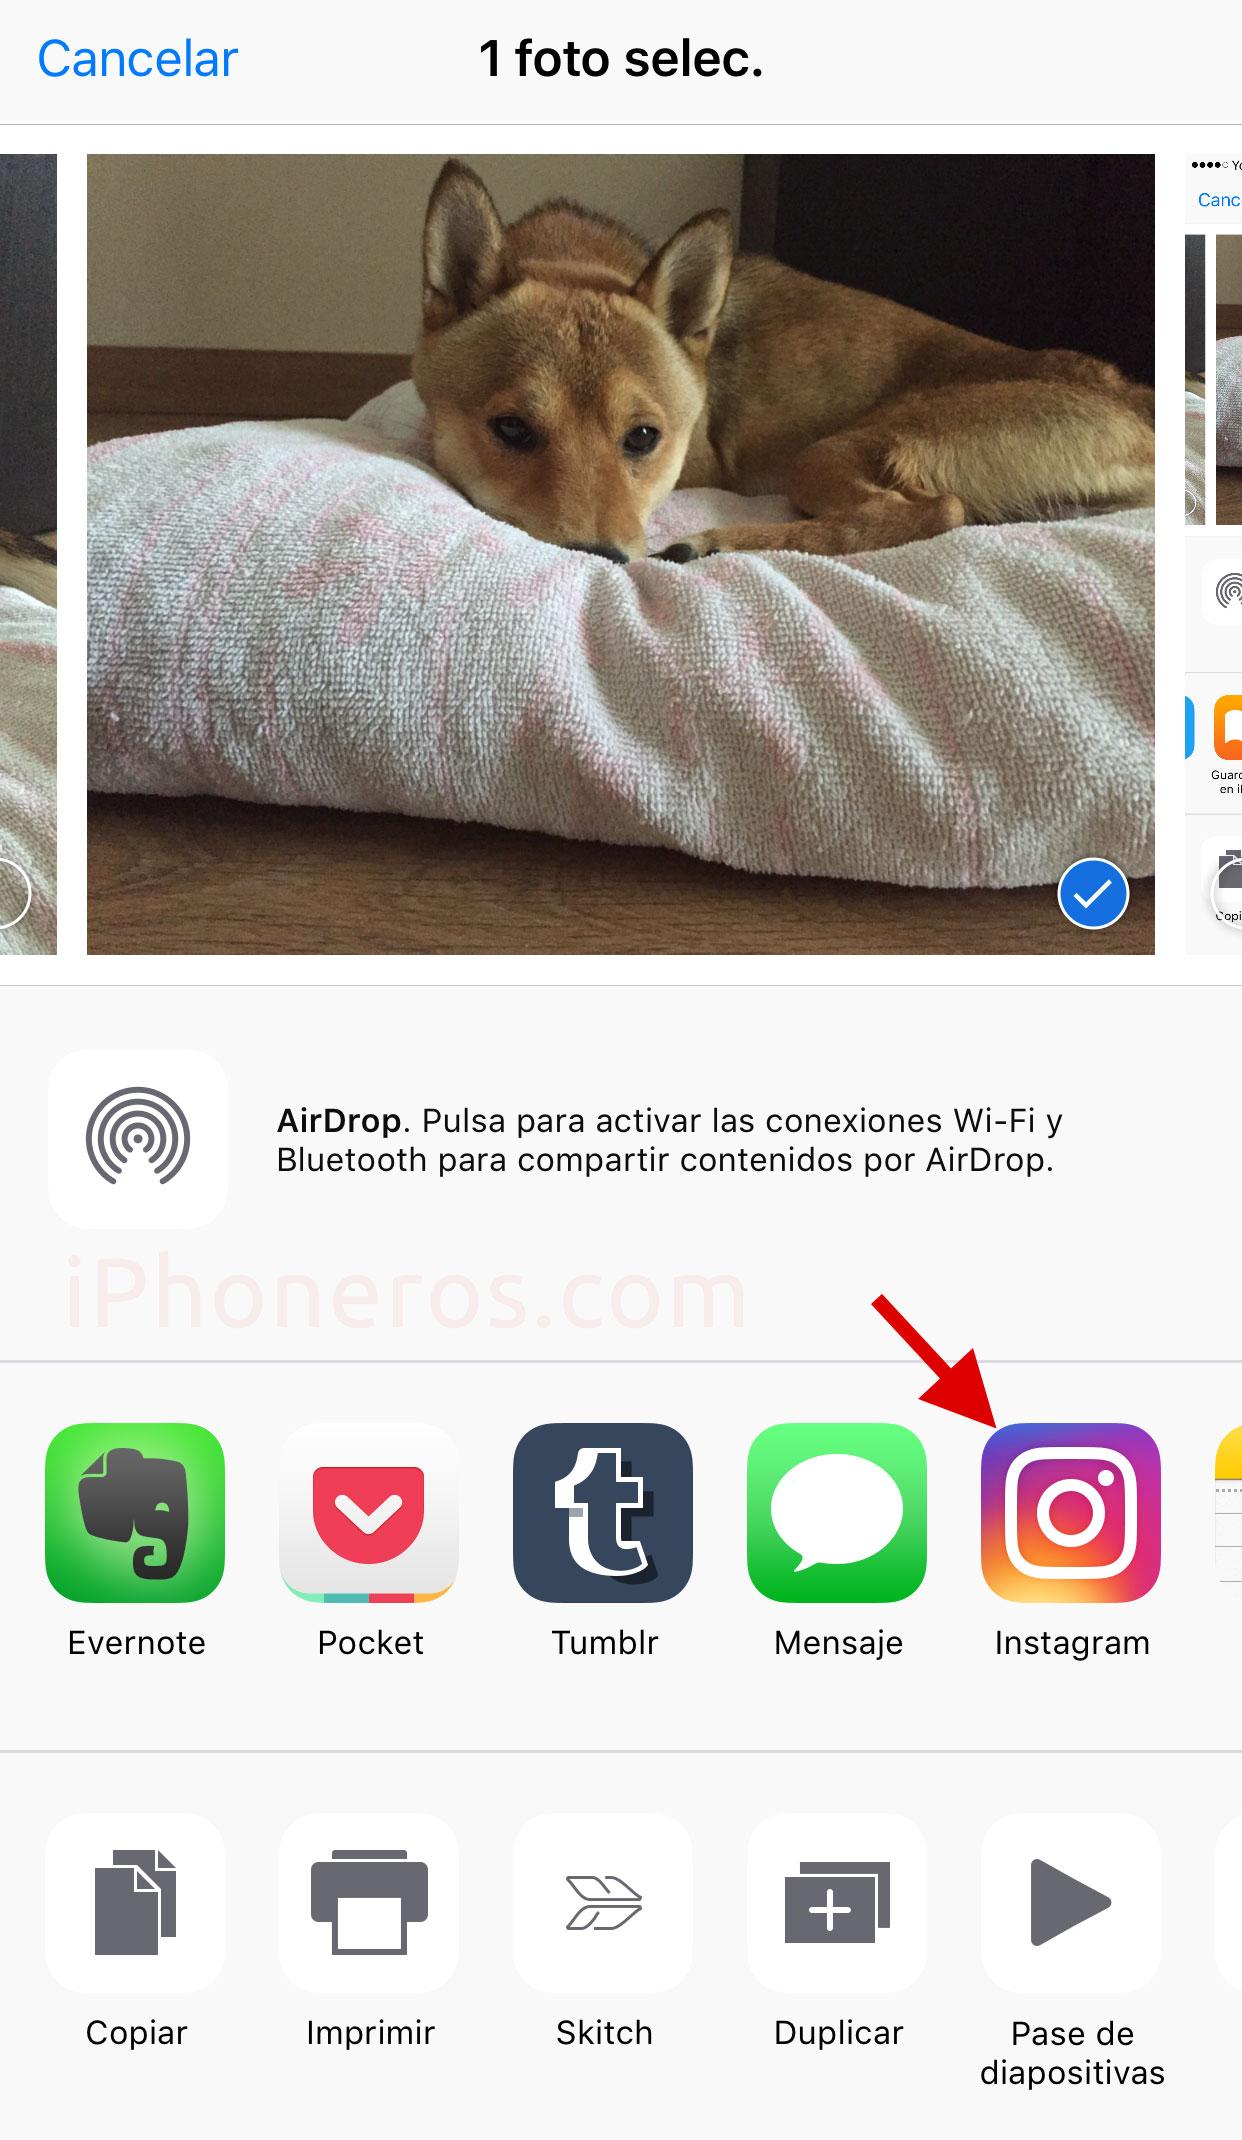 Compartir una foto con otras Apps desde la App de Fotos